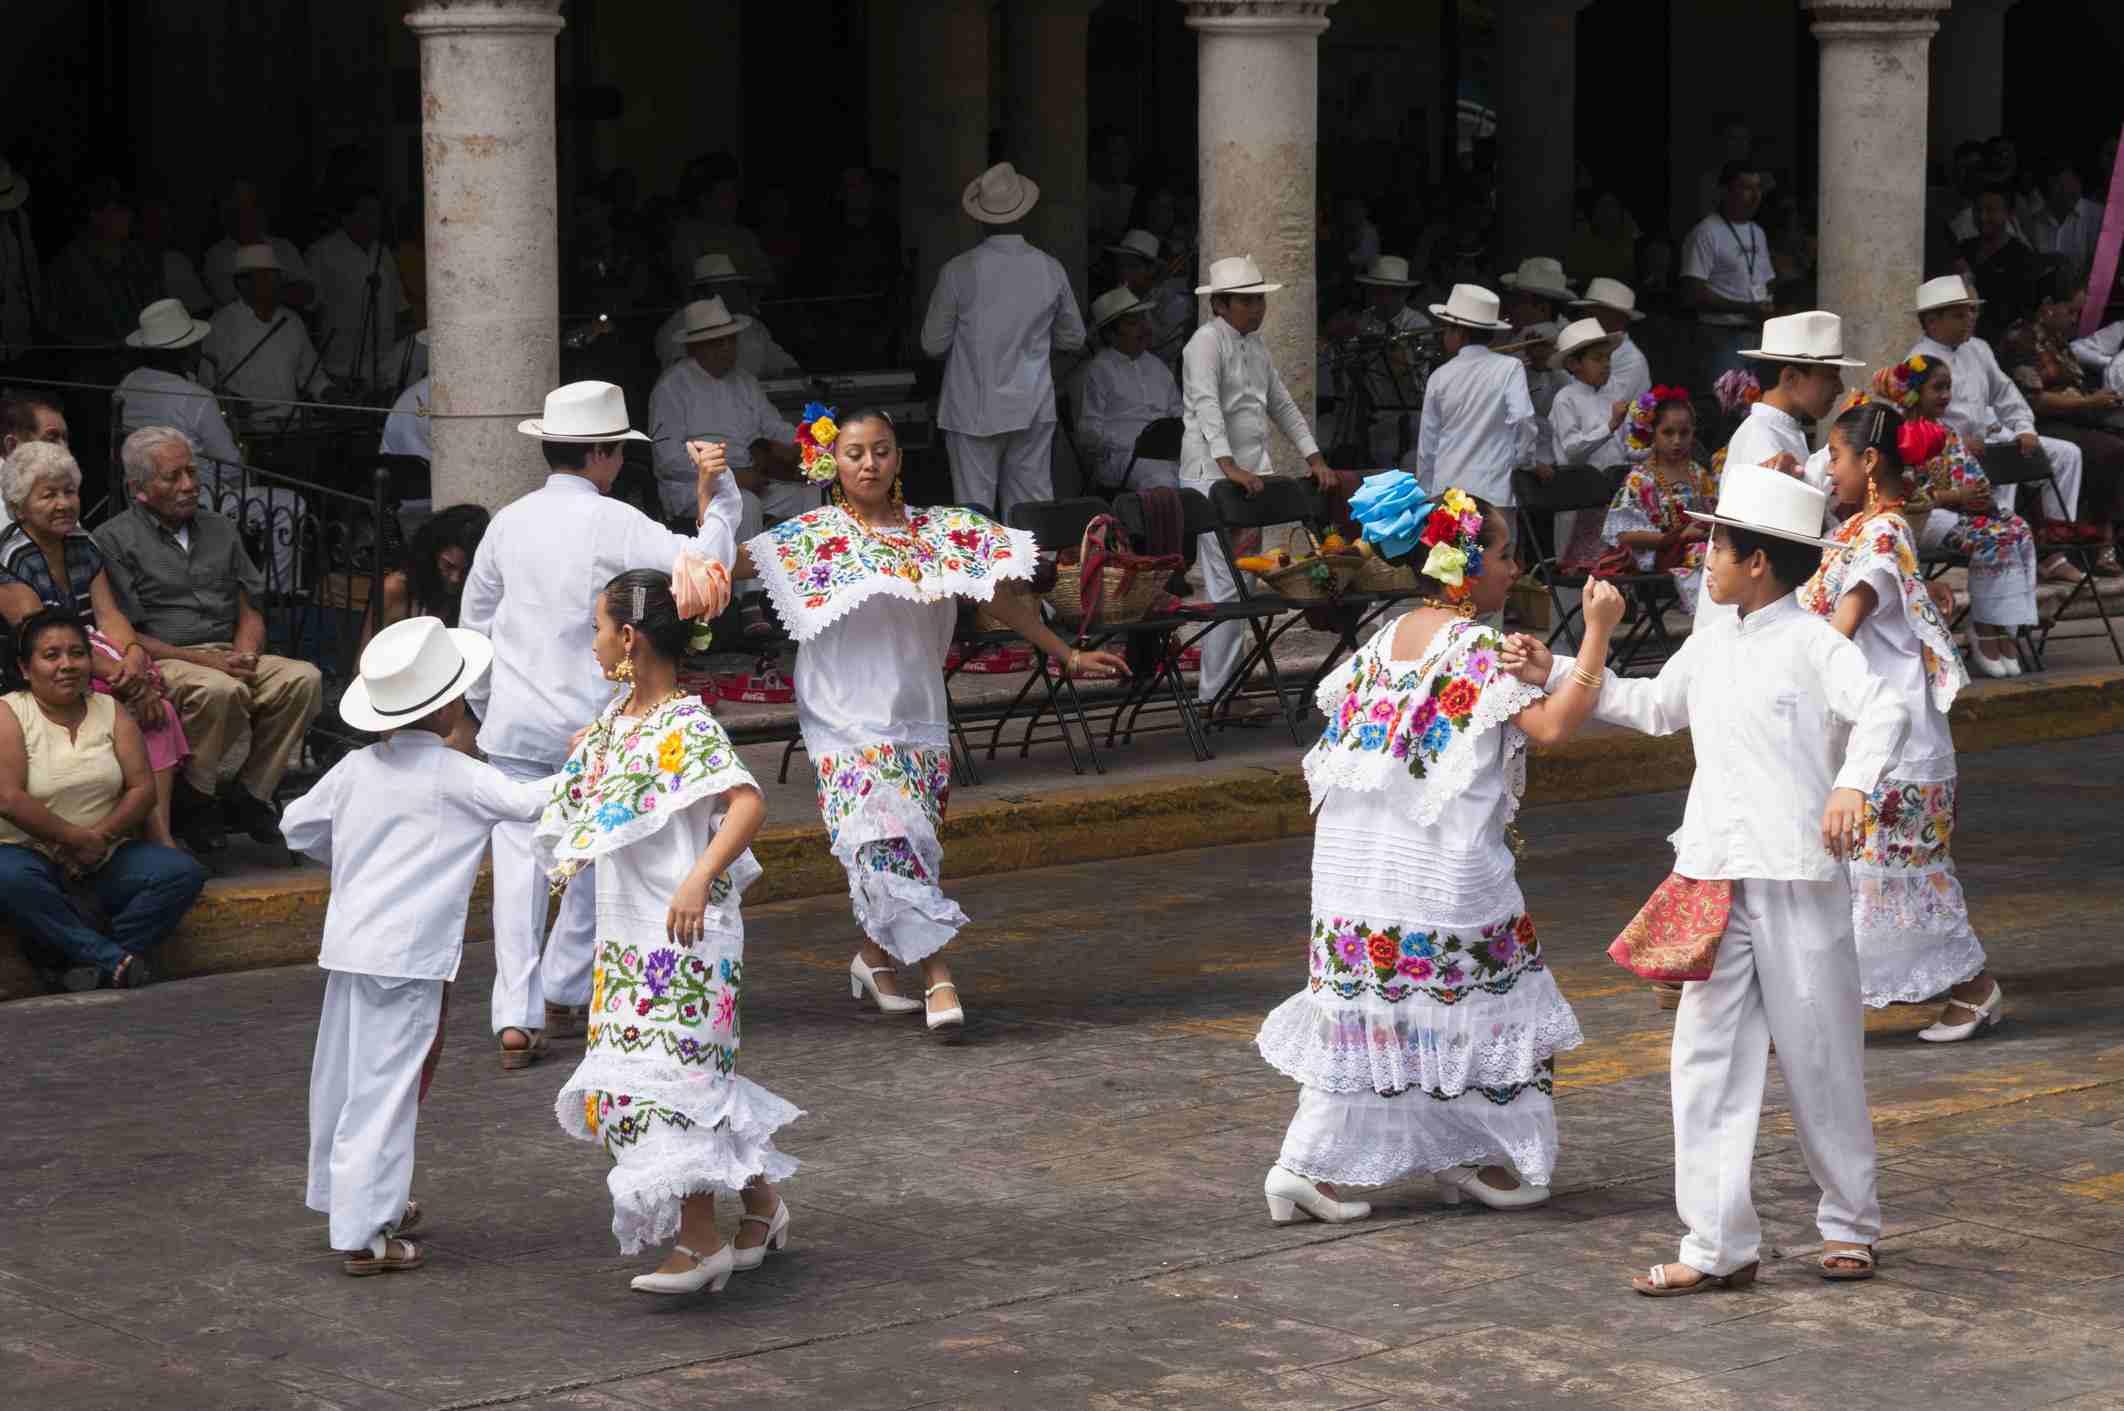 Yucatan, Merida, Plaza de la Independencia, folklore dancers